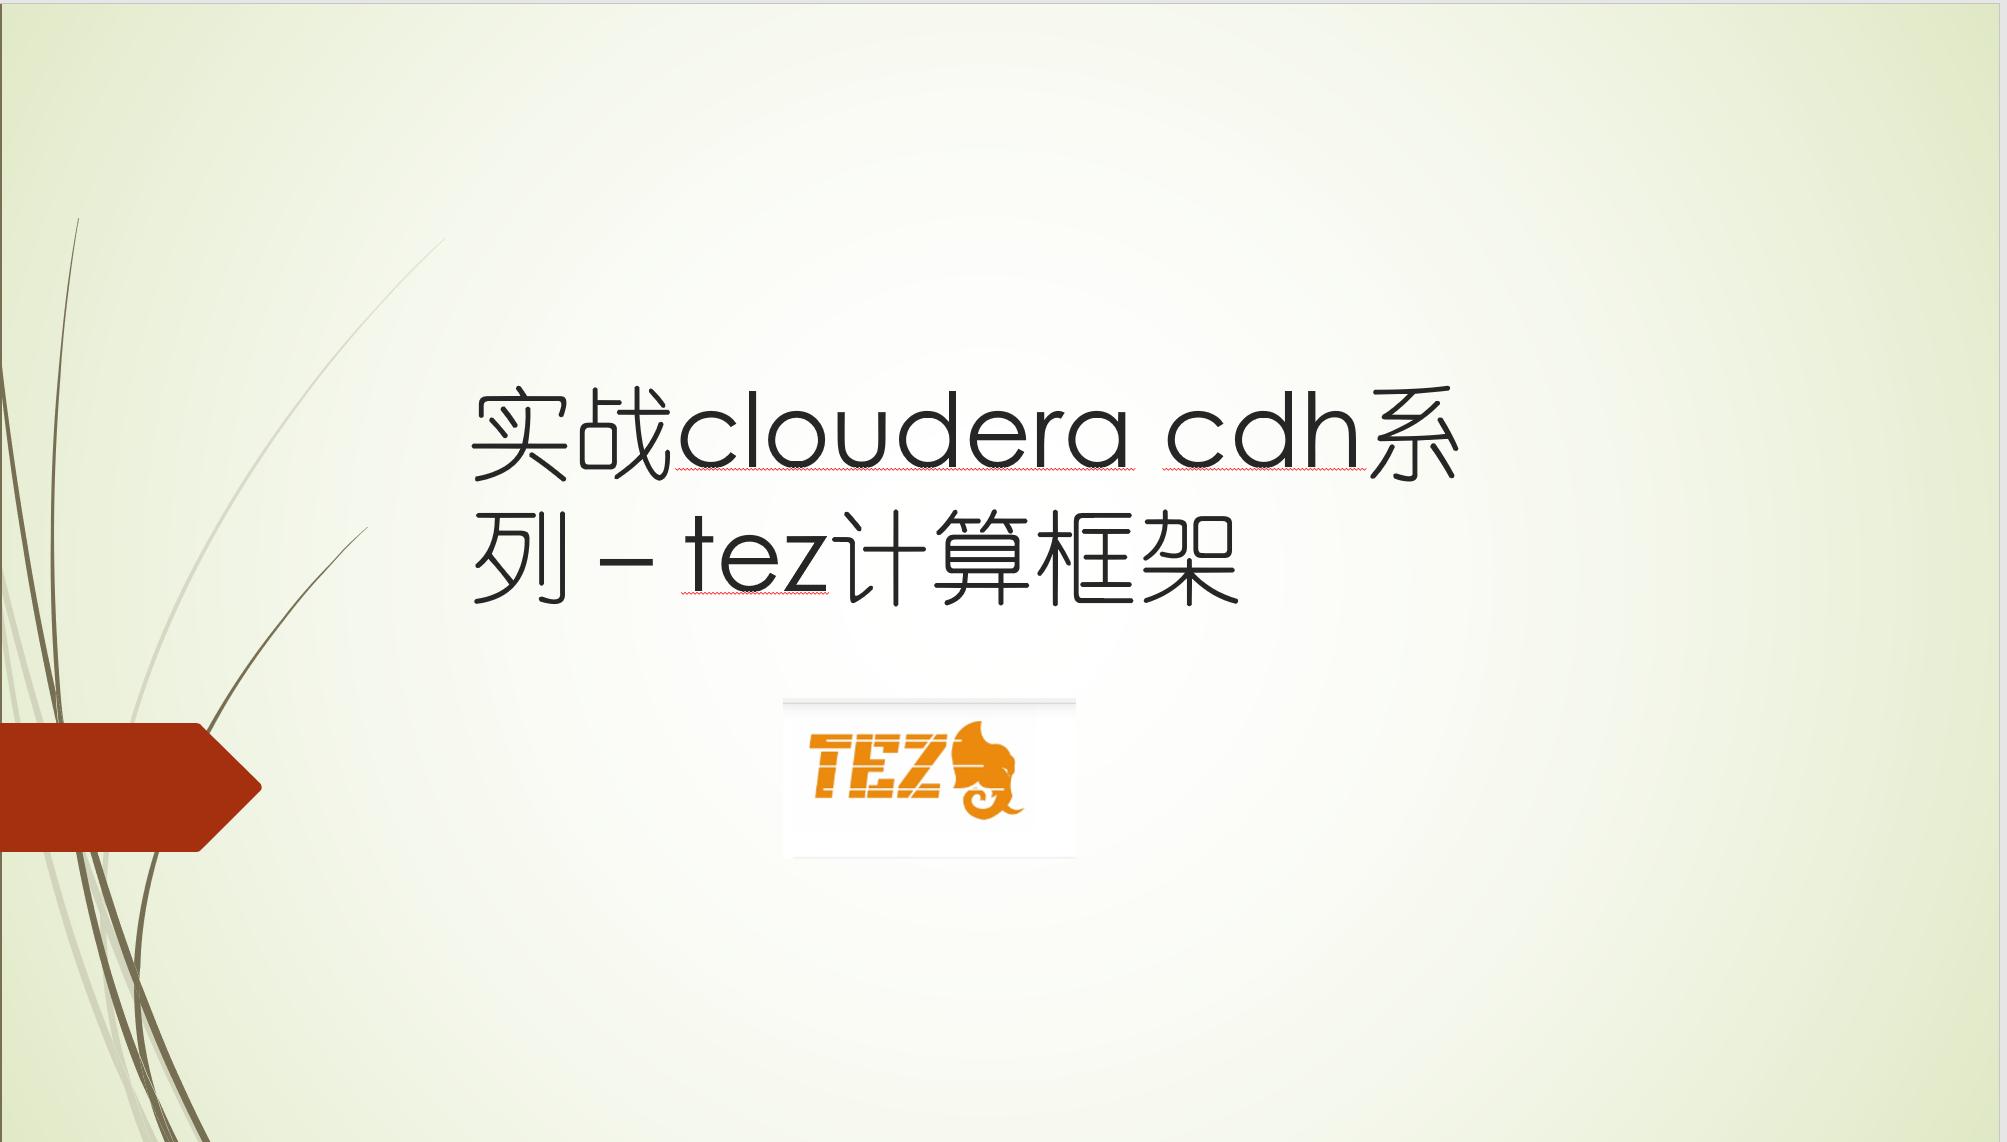 实战cloudera cdh系列 - tez计算框架